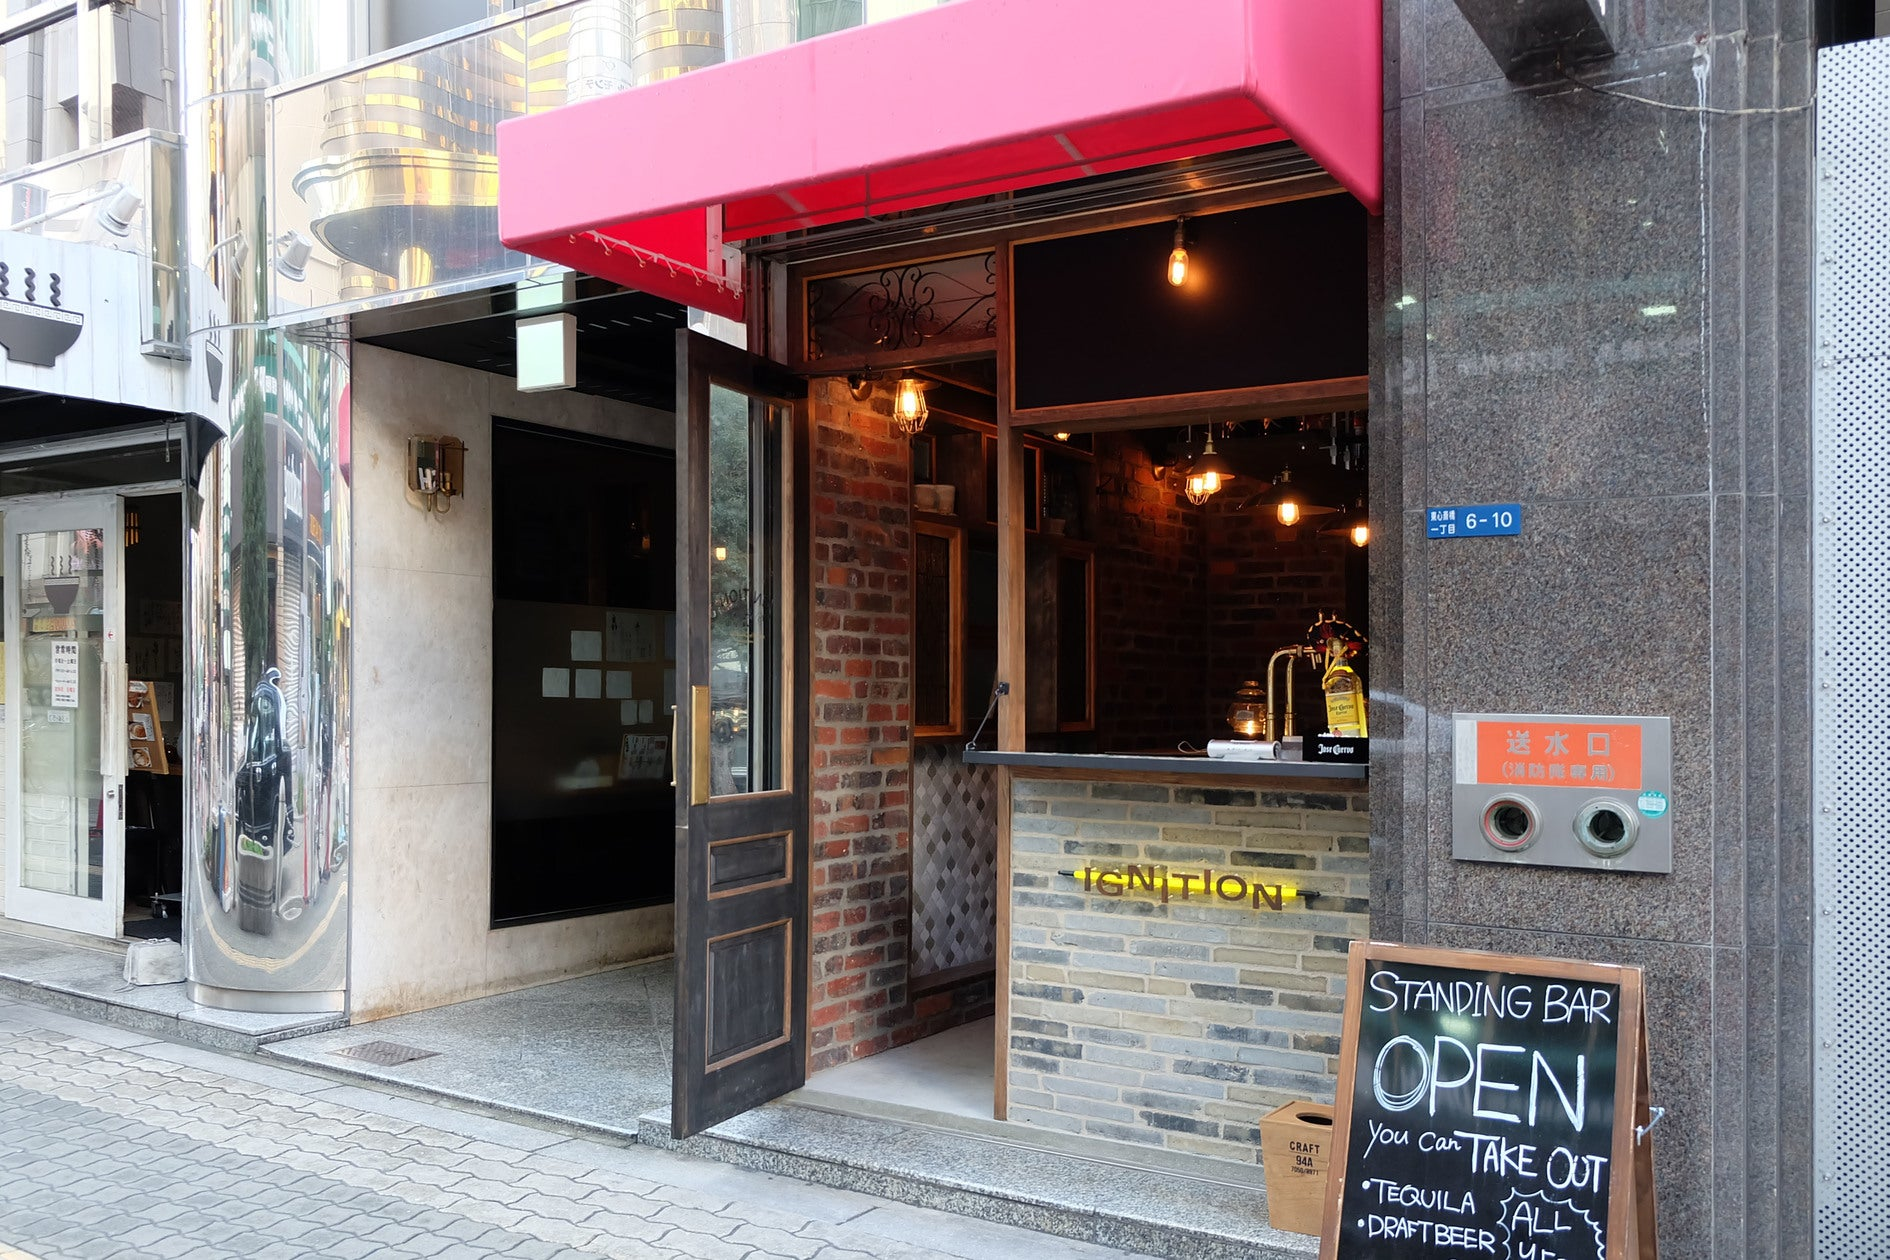 心斎橋の超好立地◎テイクアウト販売コーナーが大人気の小さい&カワイイ路面店!Cafe/Bar営業・スイーツ販売・撮影にオススメ!(IGNITION) の写真0